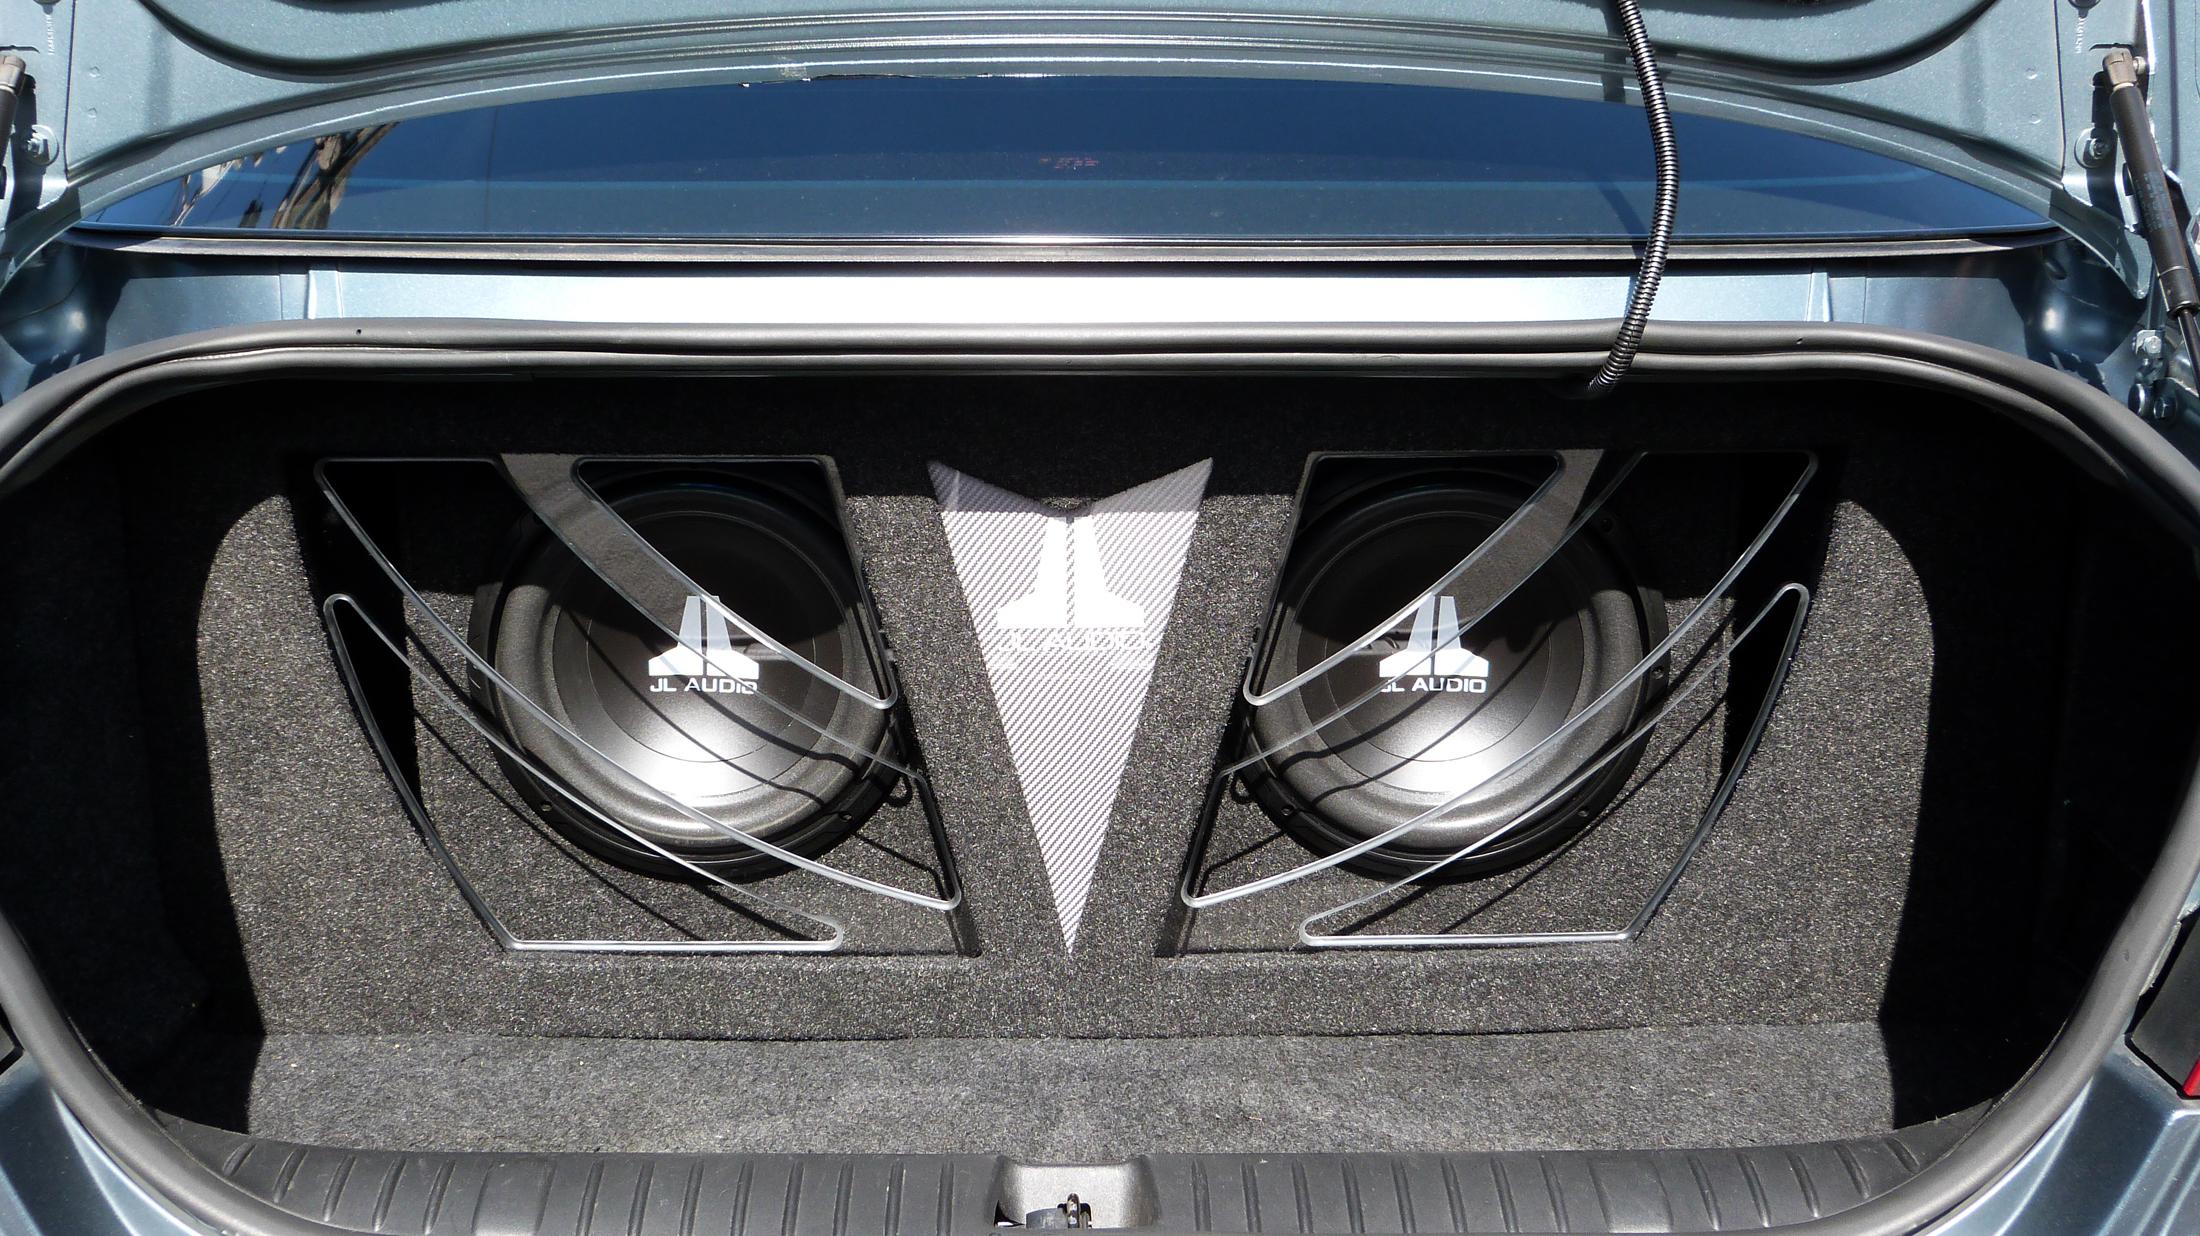 Pontiac Grand Prix Santa Fe Auto Sound